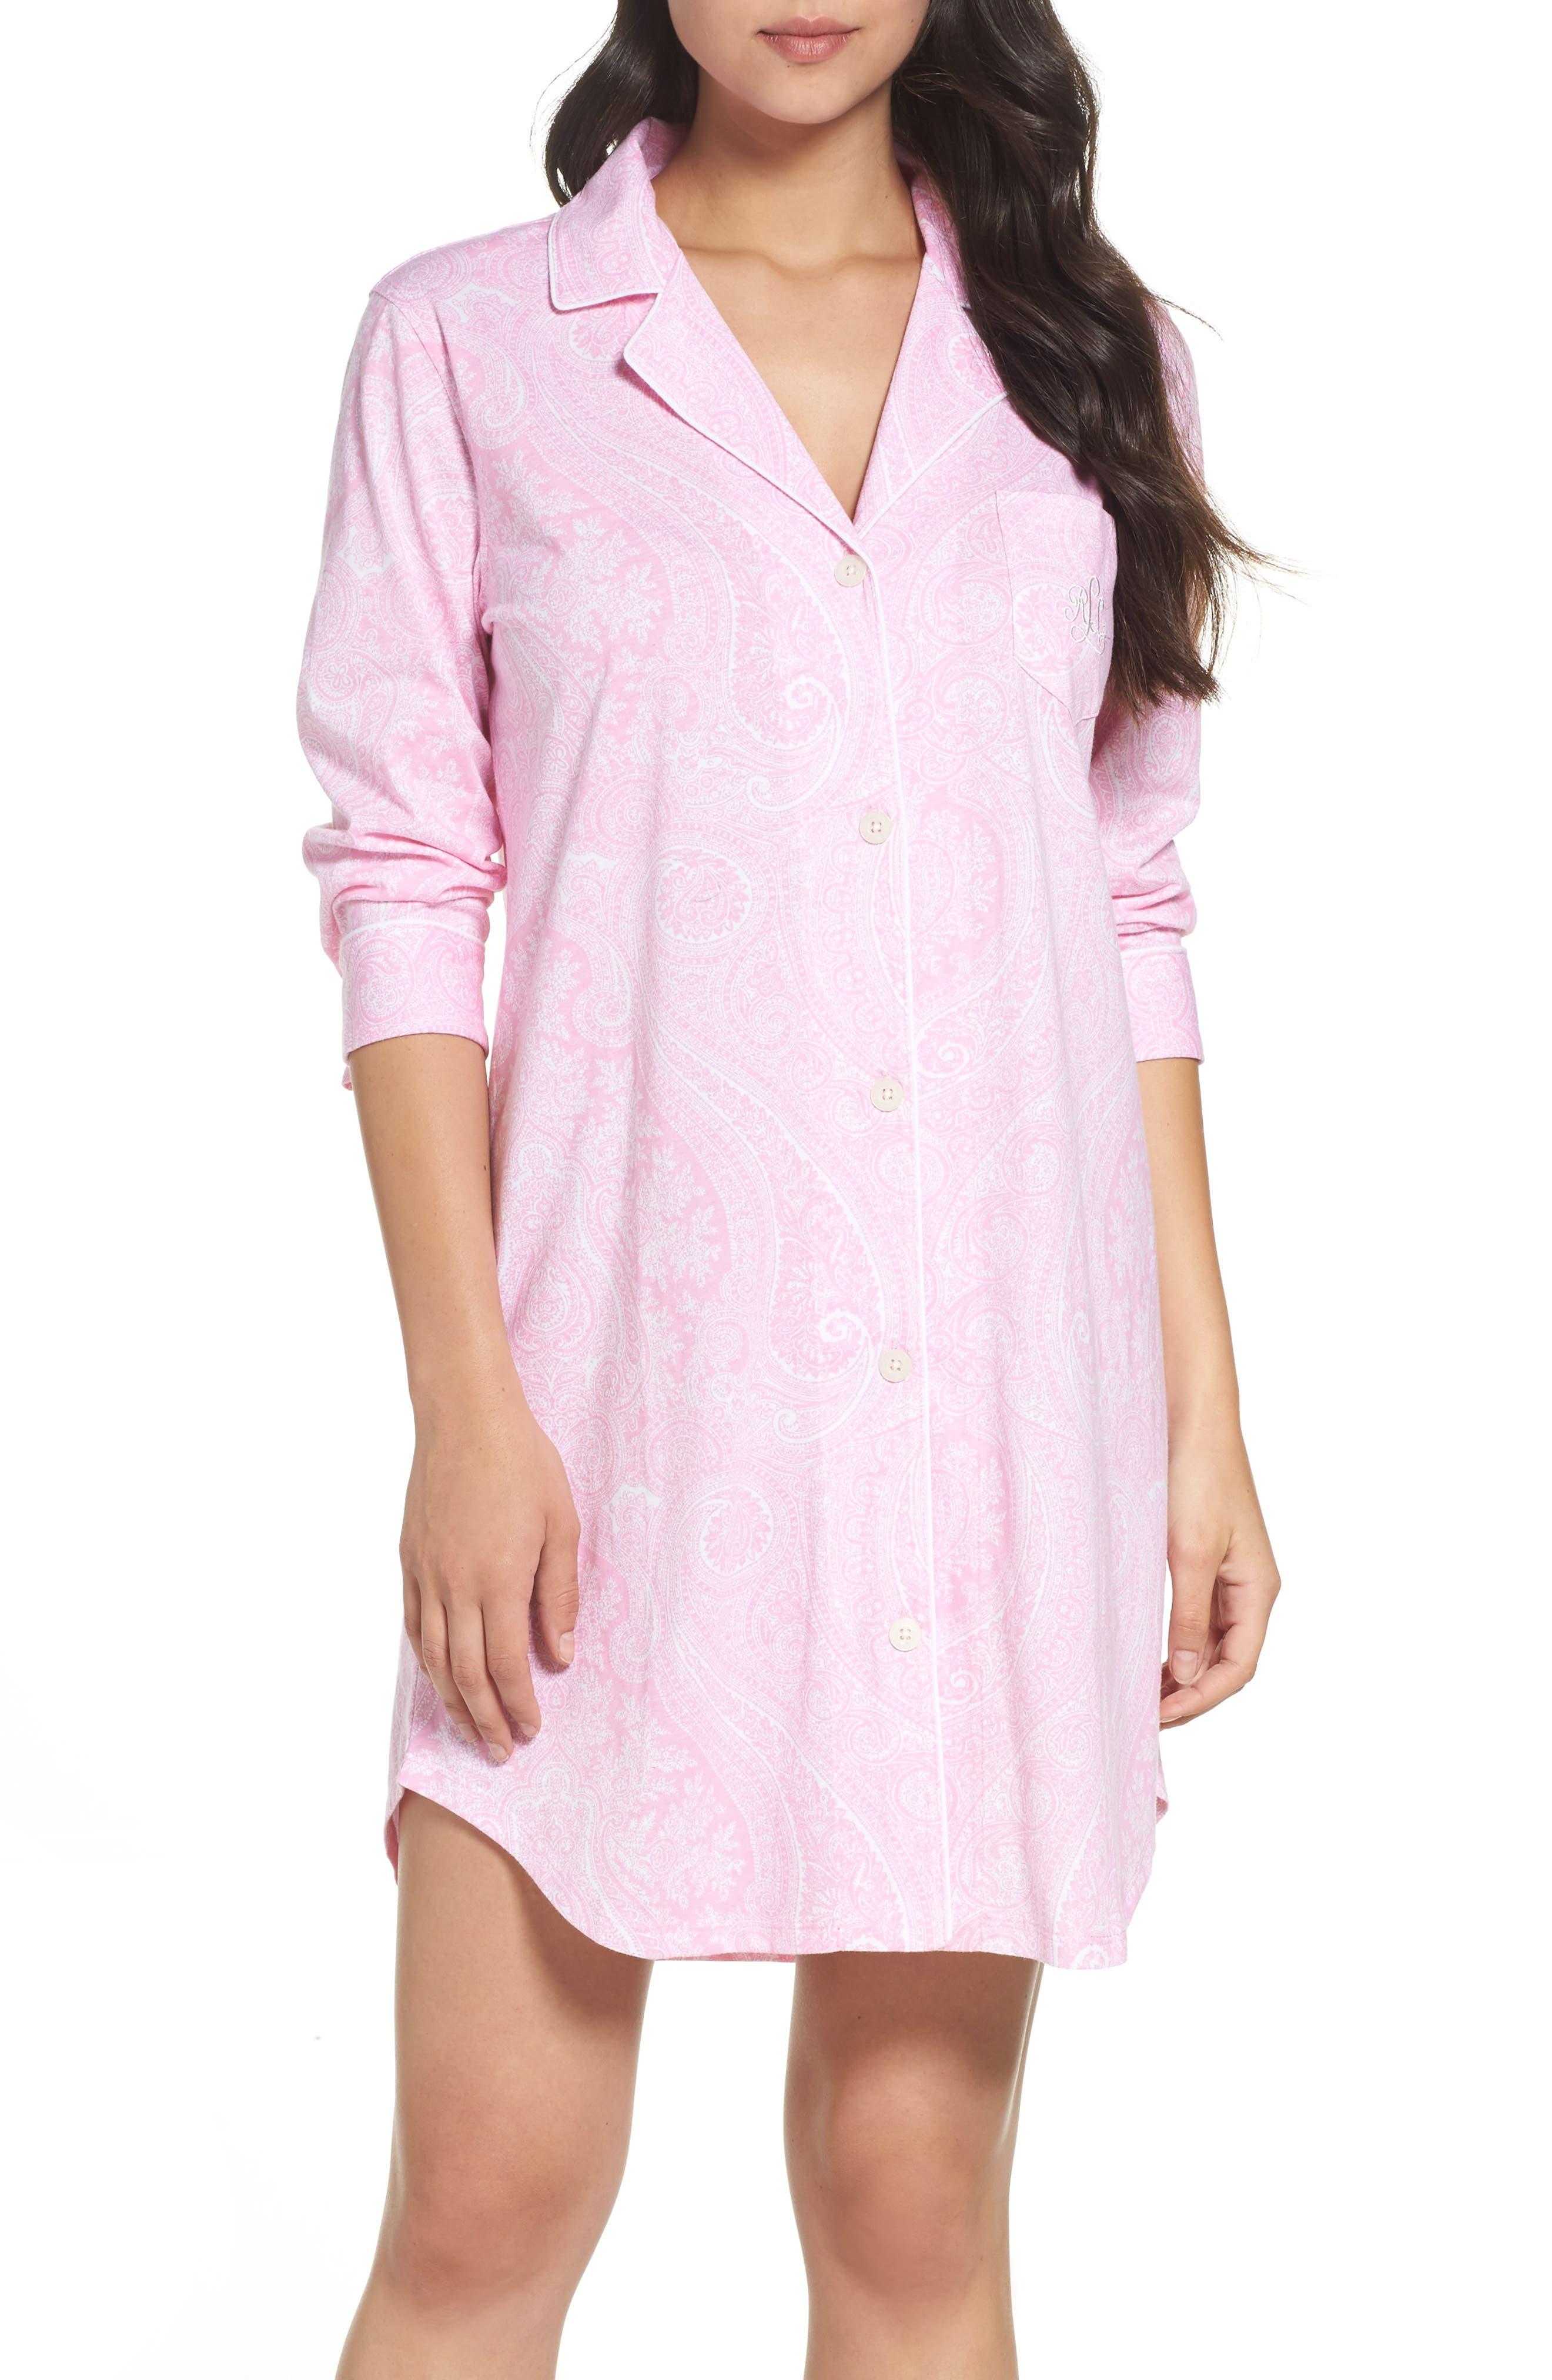 Alternate Image 1 Selected - Lauren Ralph Lauren Jersey Sleep Shirt (Online Only)